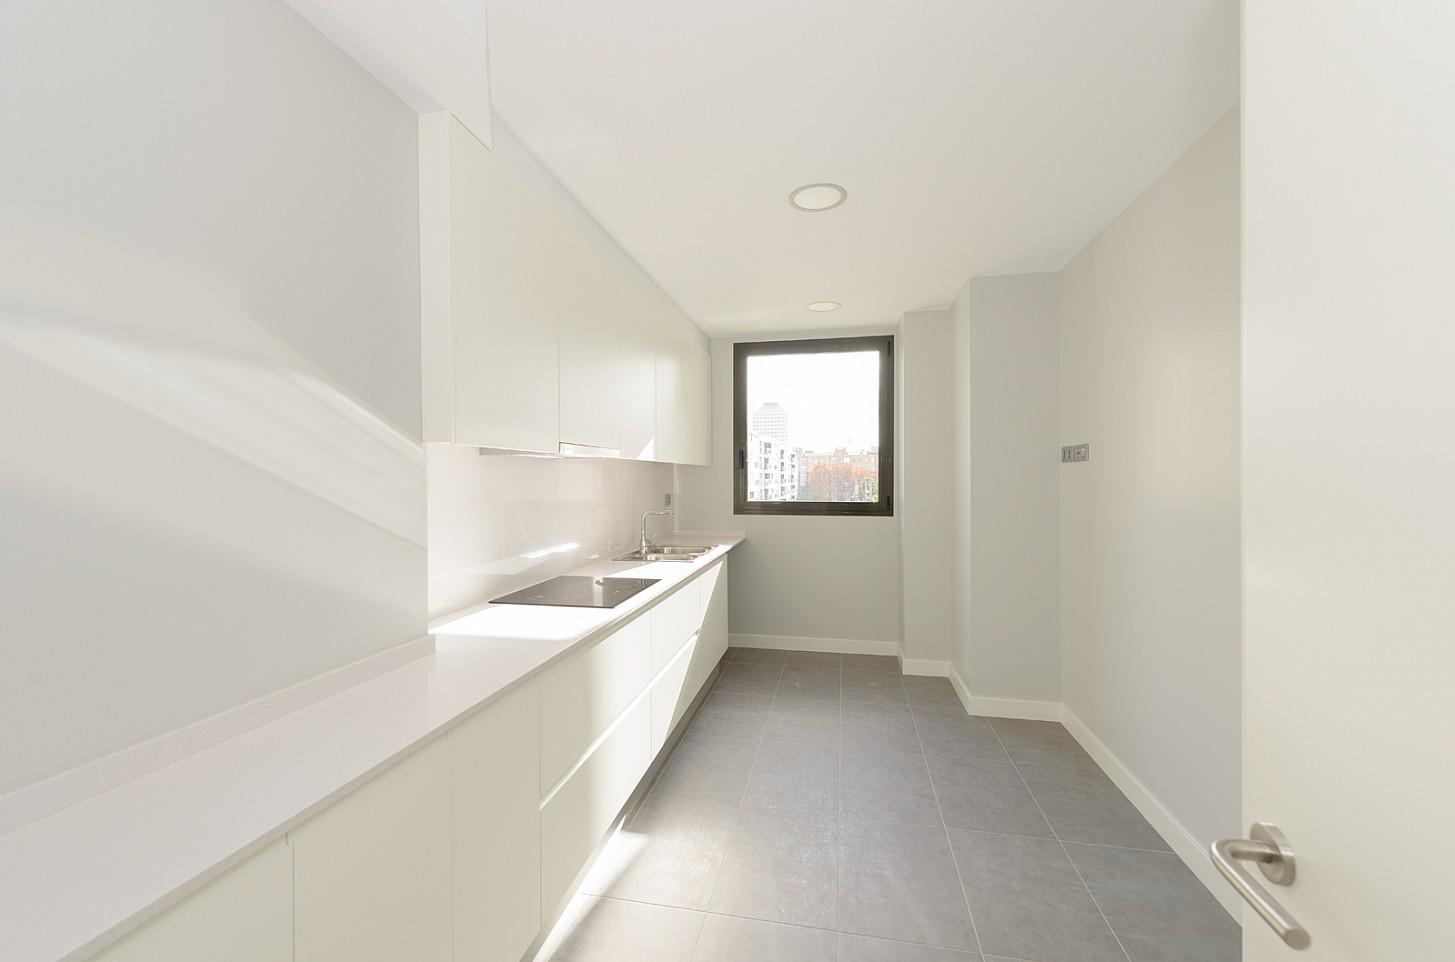 Acogedor piso a estrenar en venta en la marina de port barcelona oi realtor - Subastas de pisos en barcelona ...